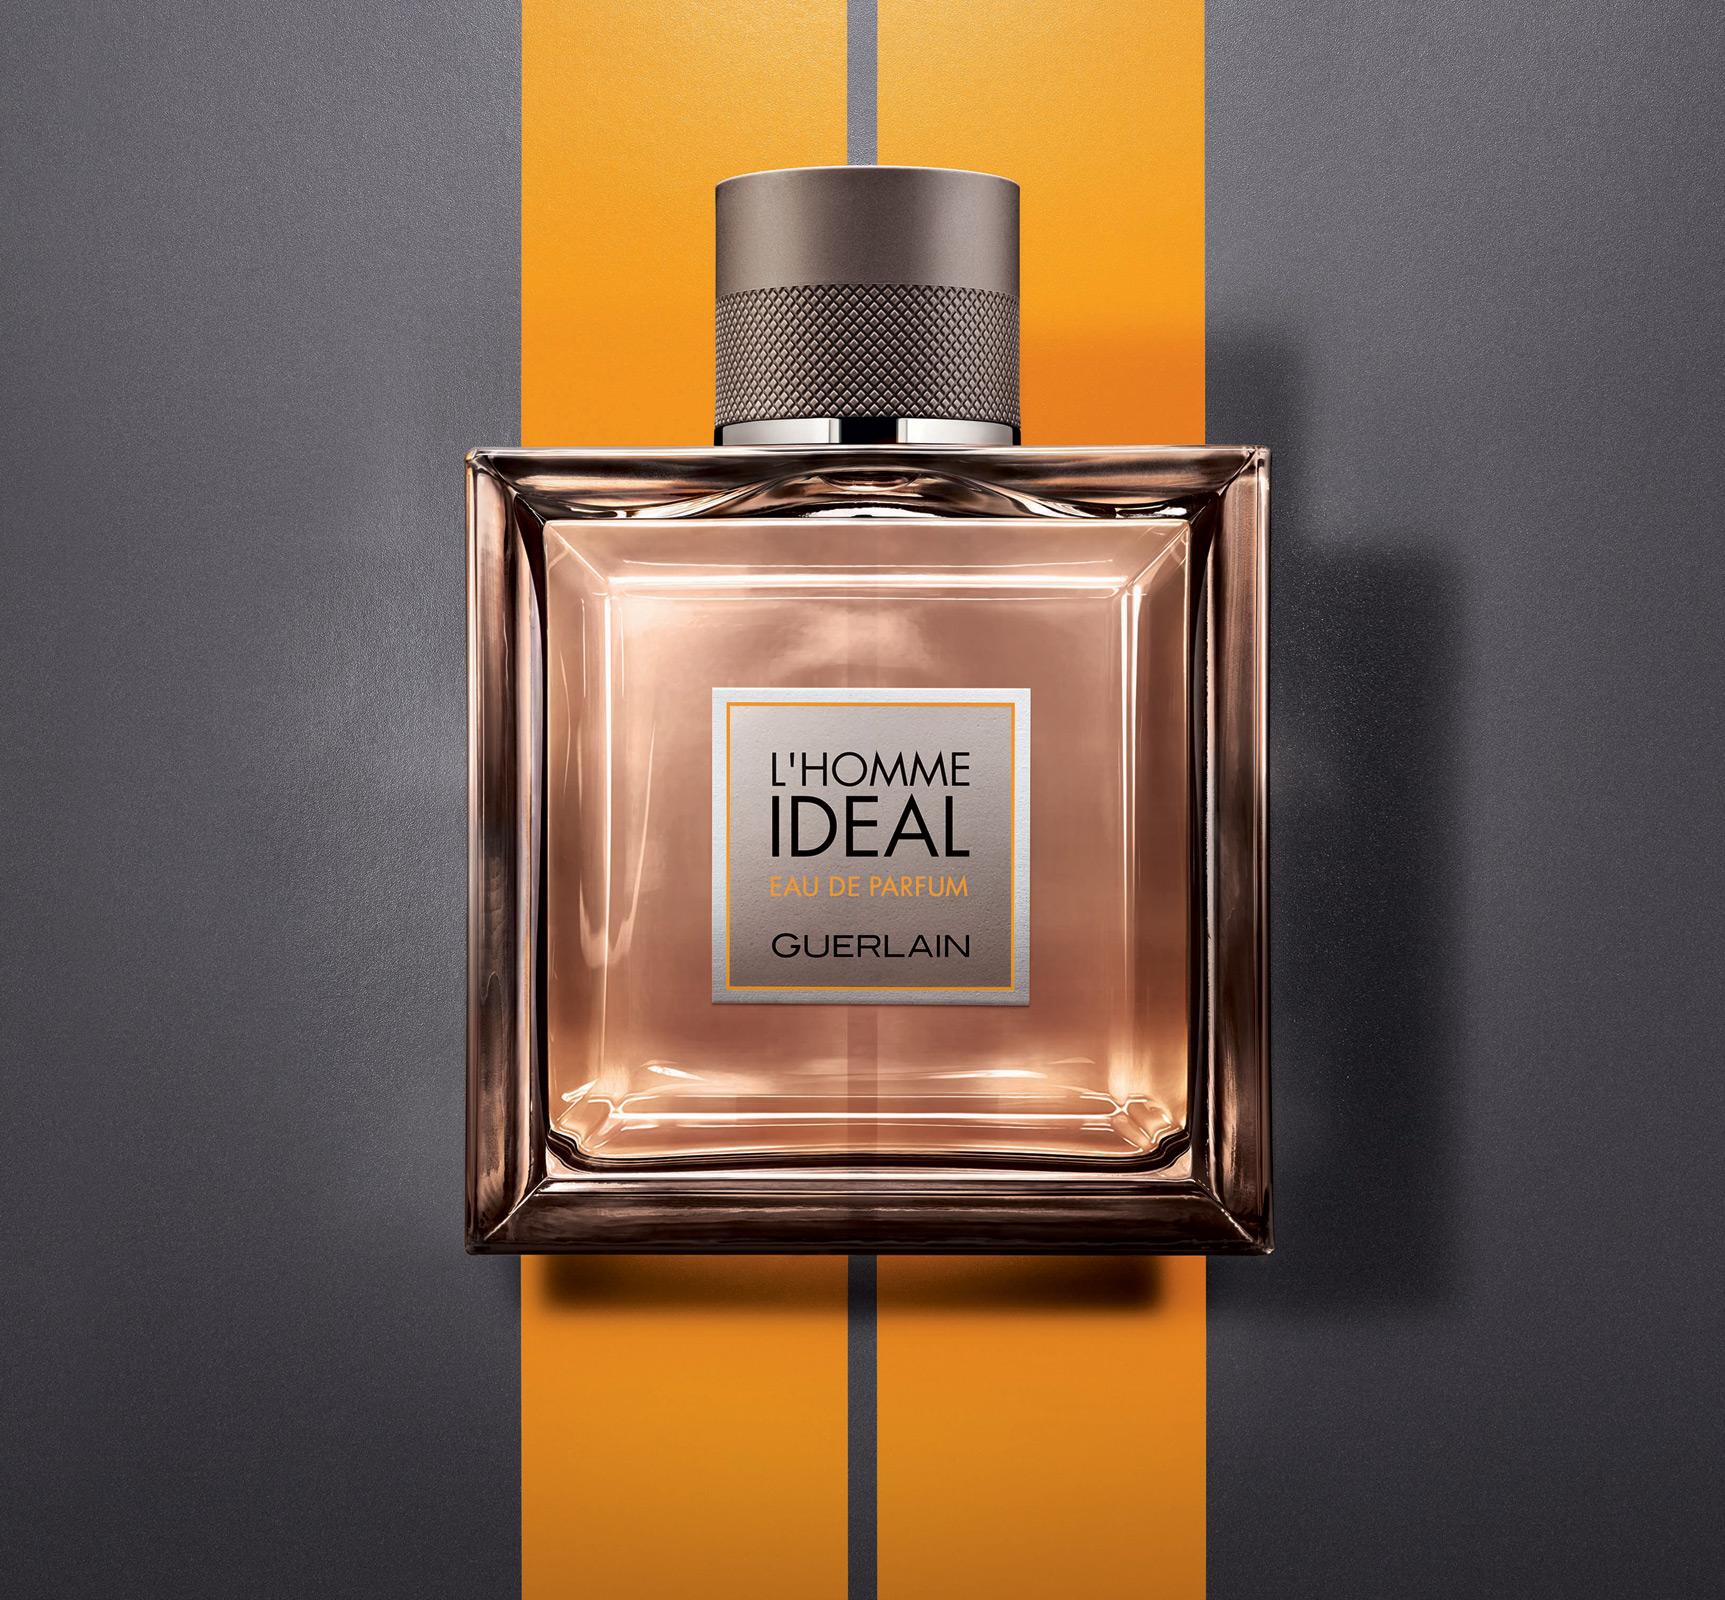 Parfumuri profumo net pareri